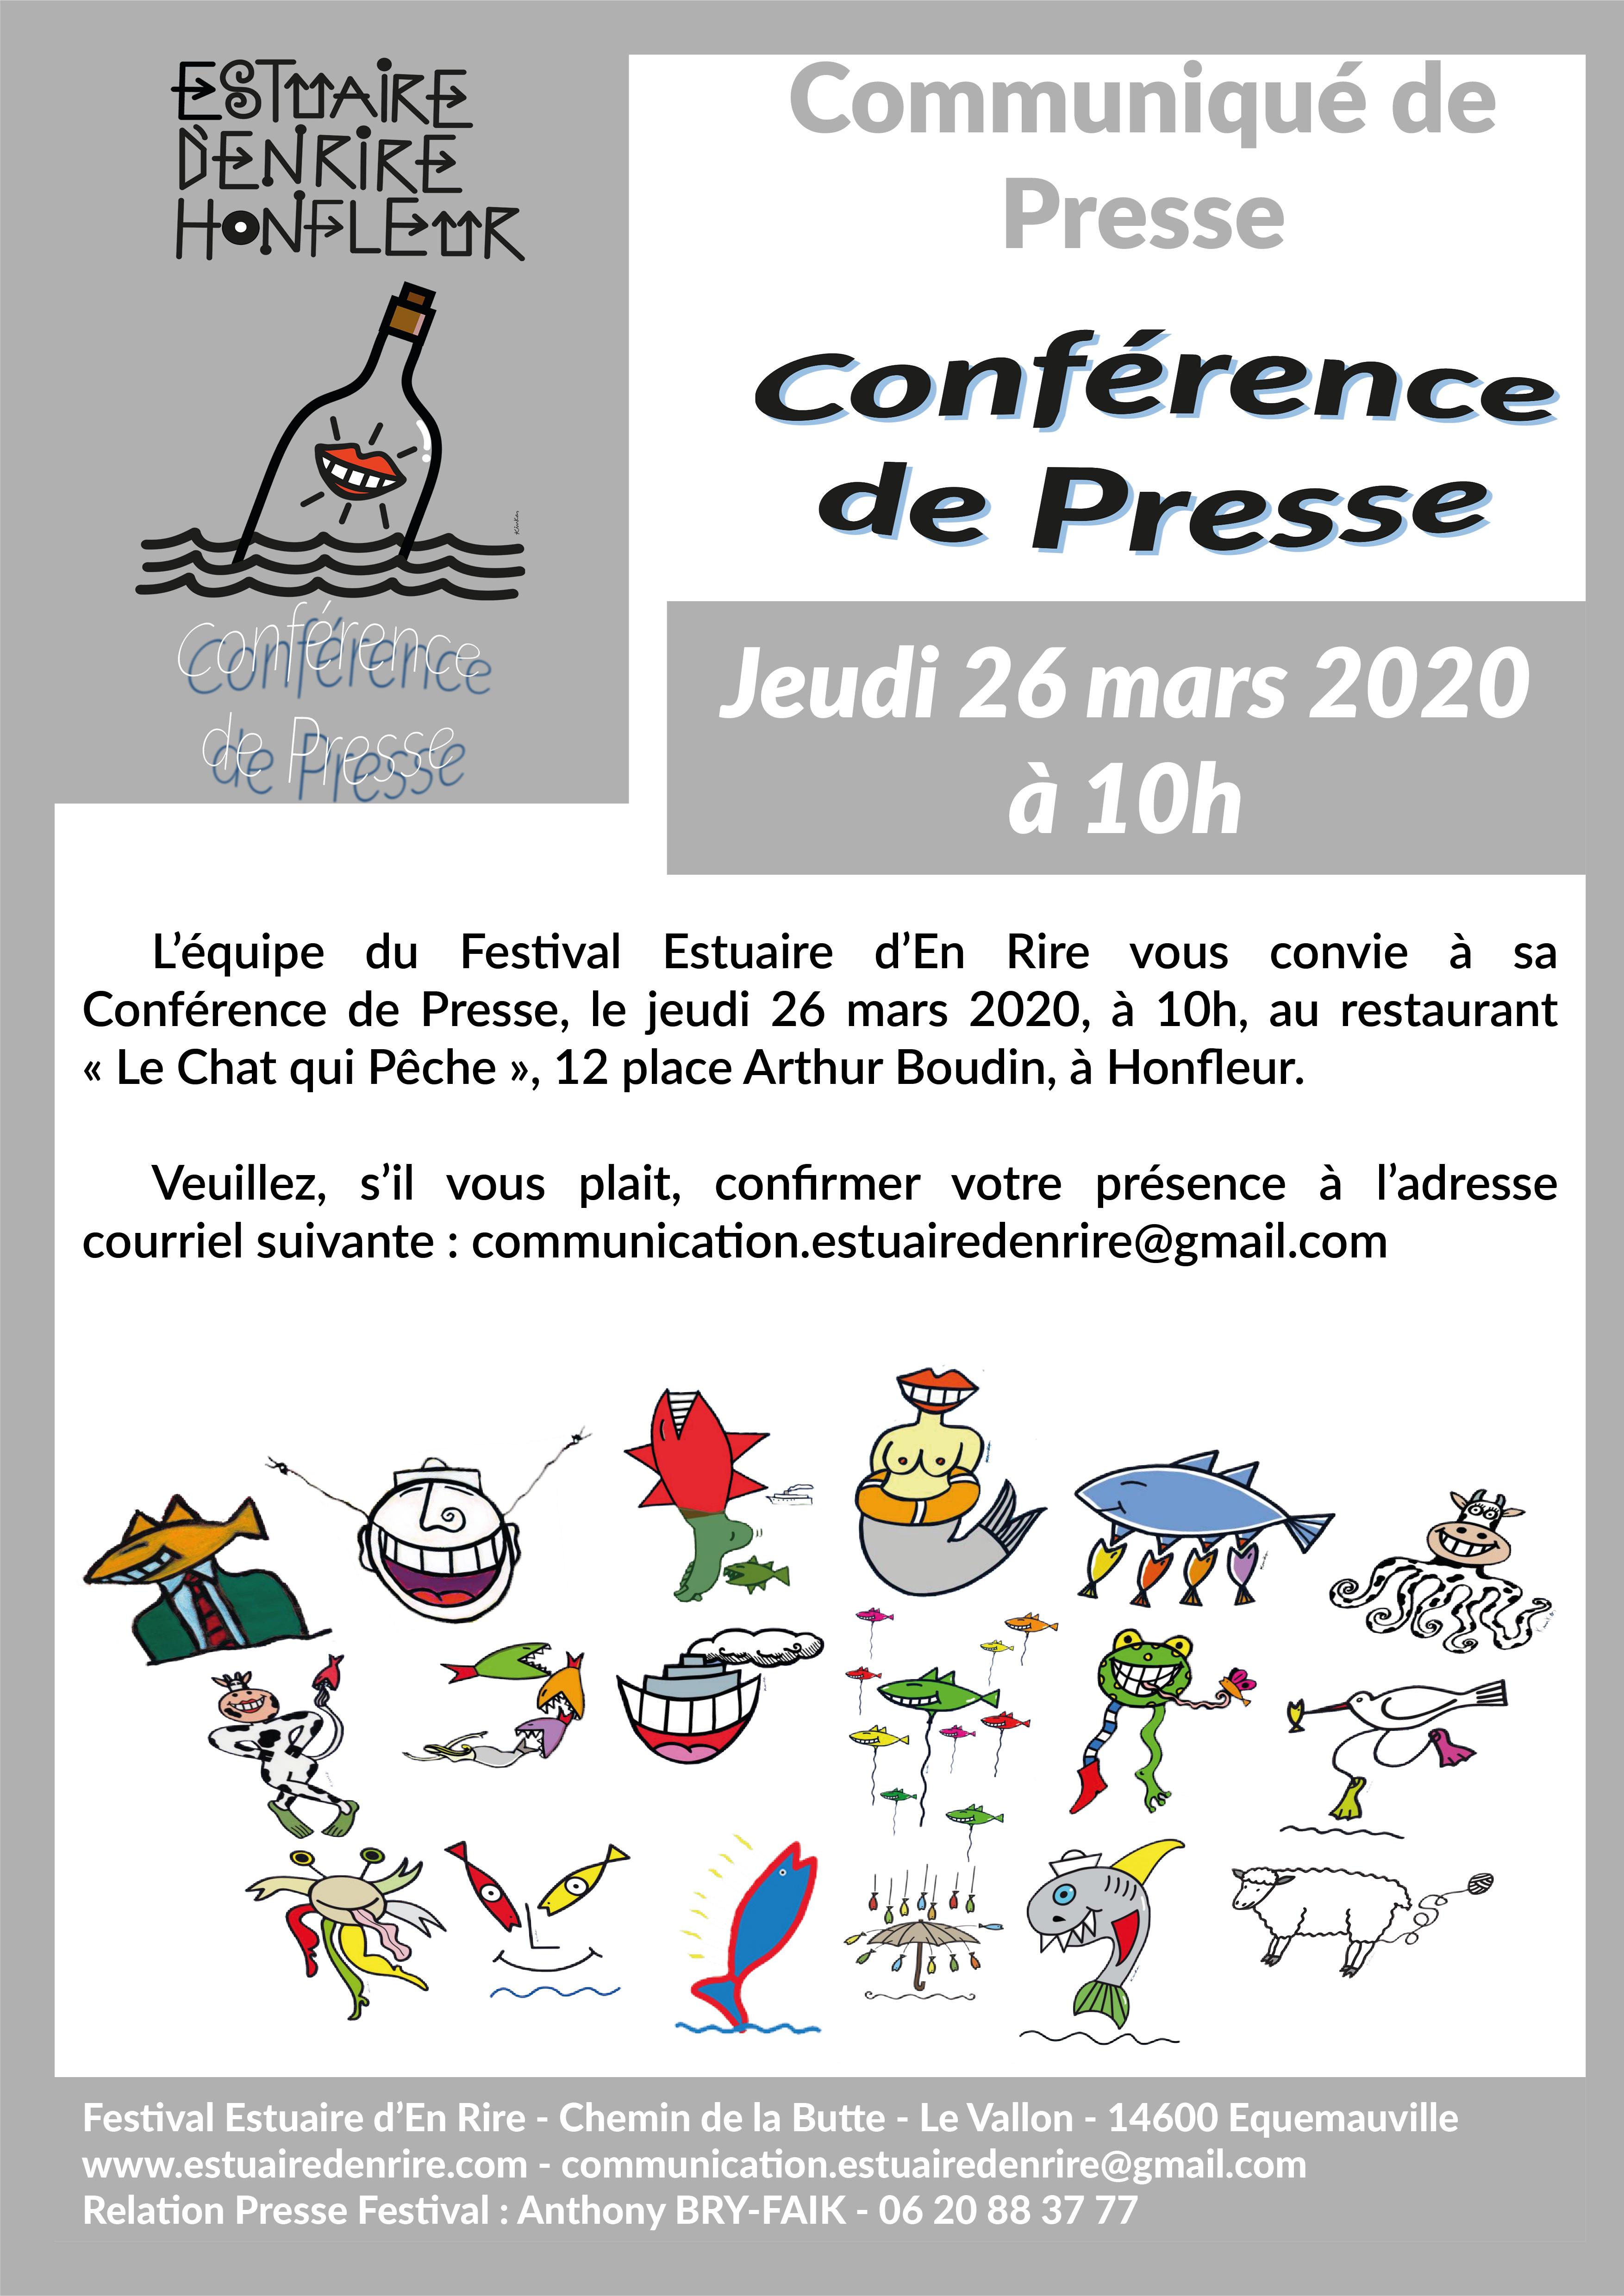 01_-_Communiqué_de_Presse_-_Conférence